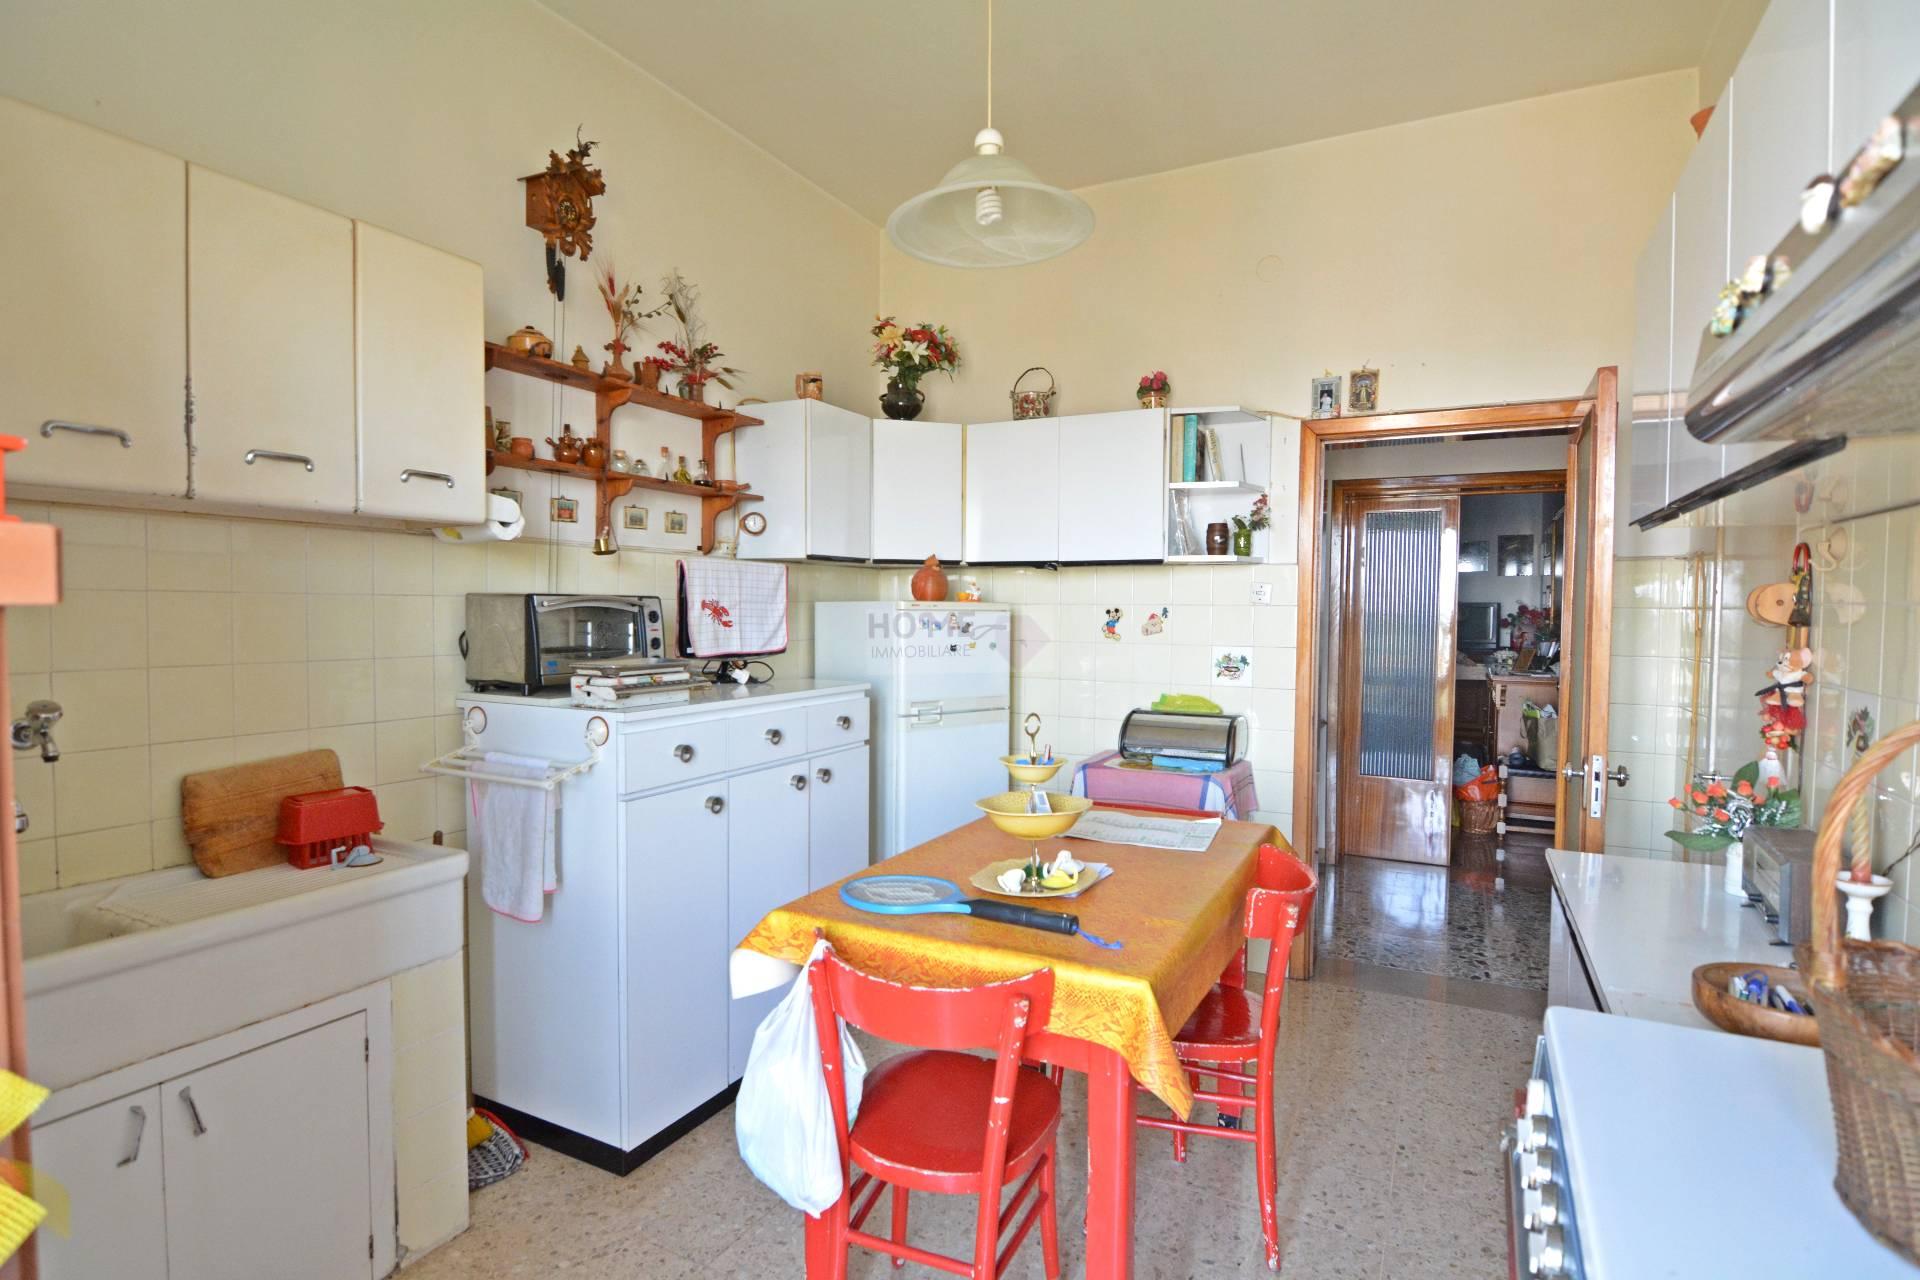 Appartamento in affitto a Macerata, 6 locali, zona Località: ZonaCentrale, prezzo € 540 | Cambio Casa.it